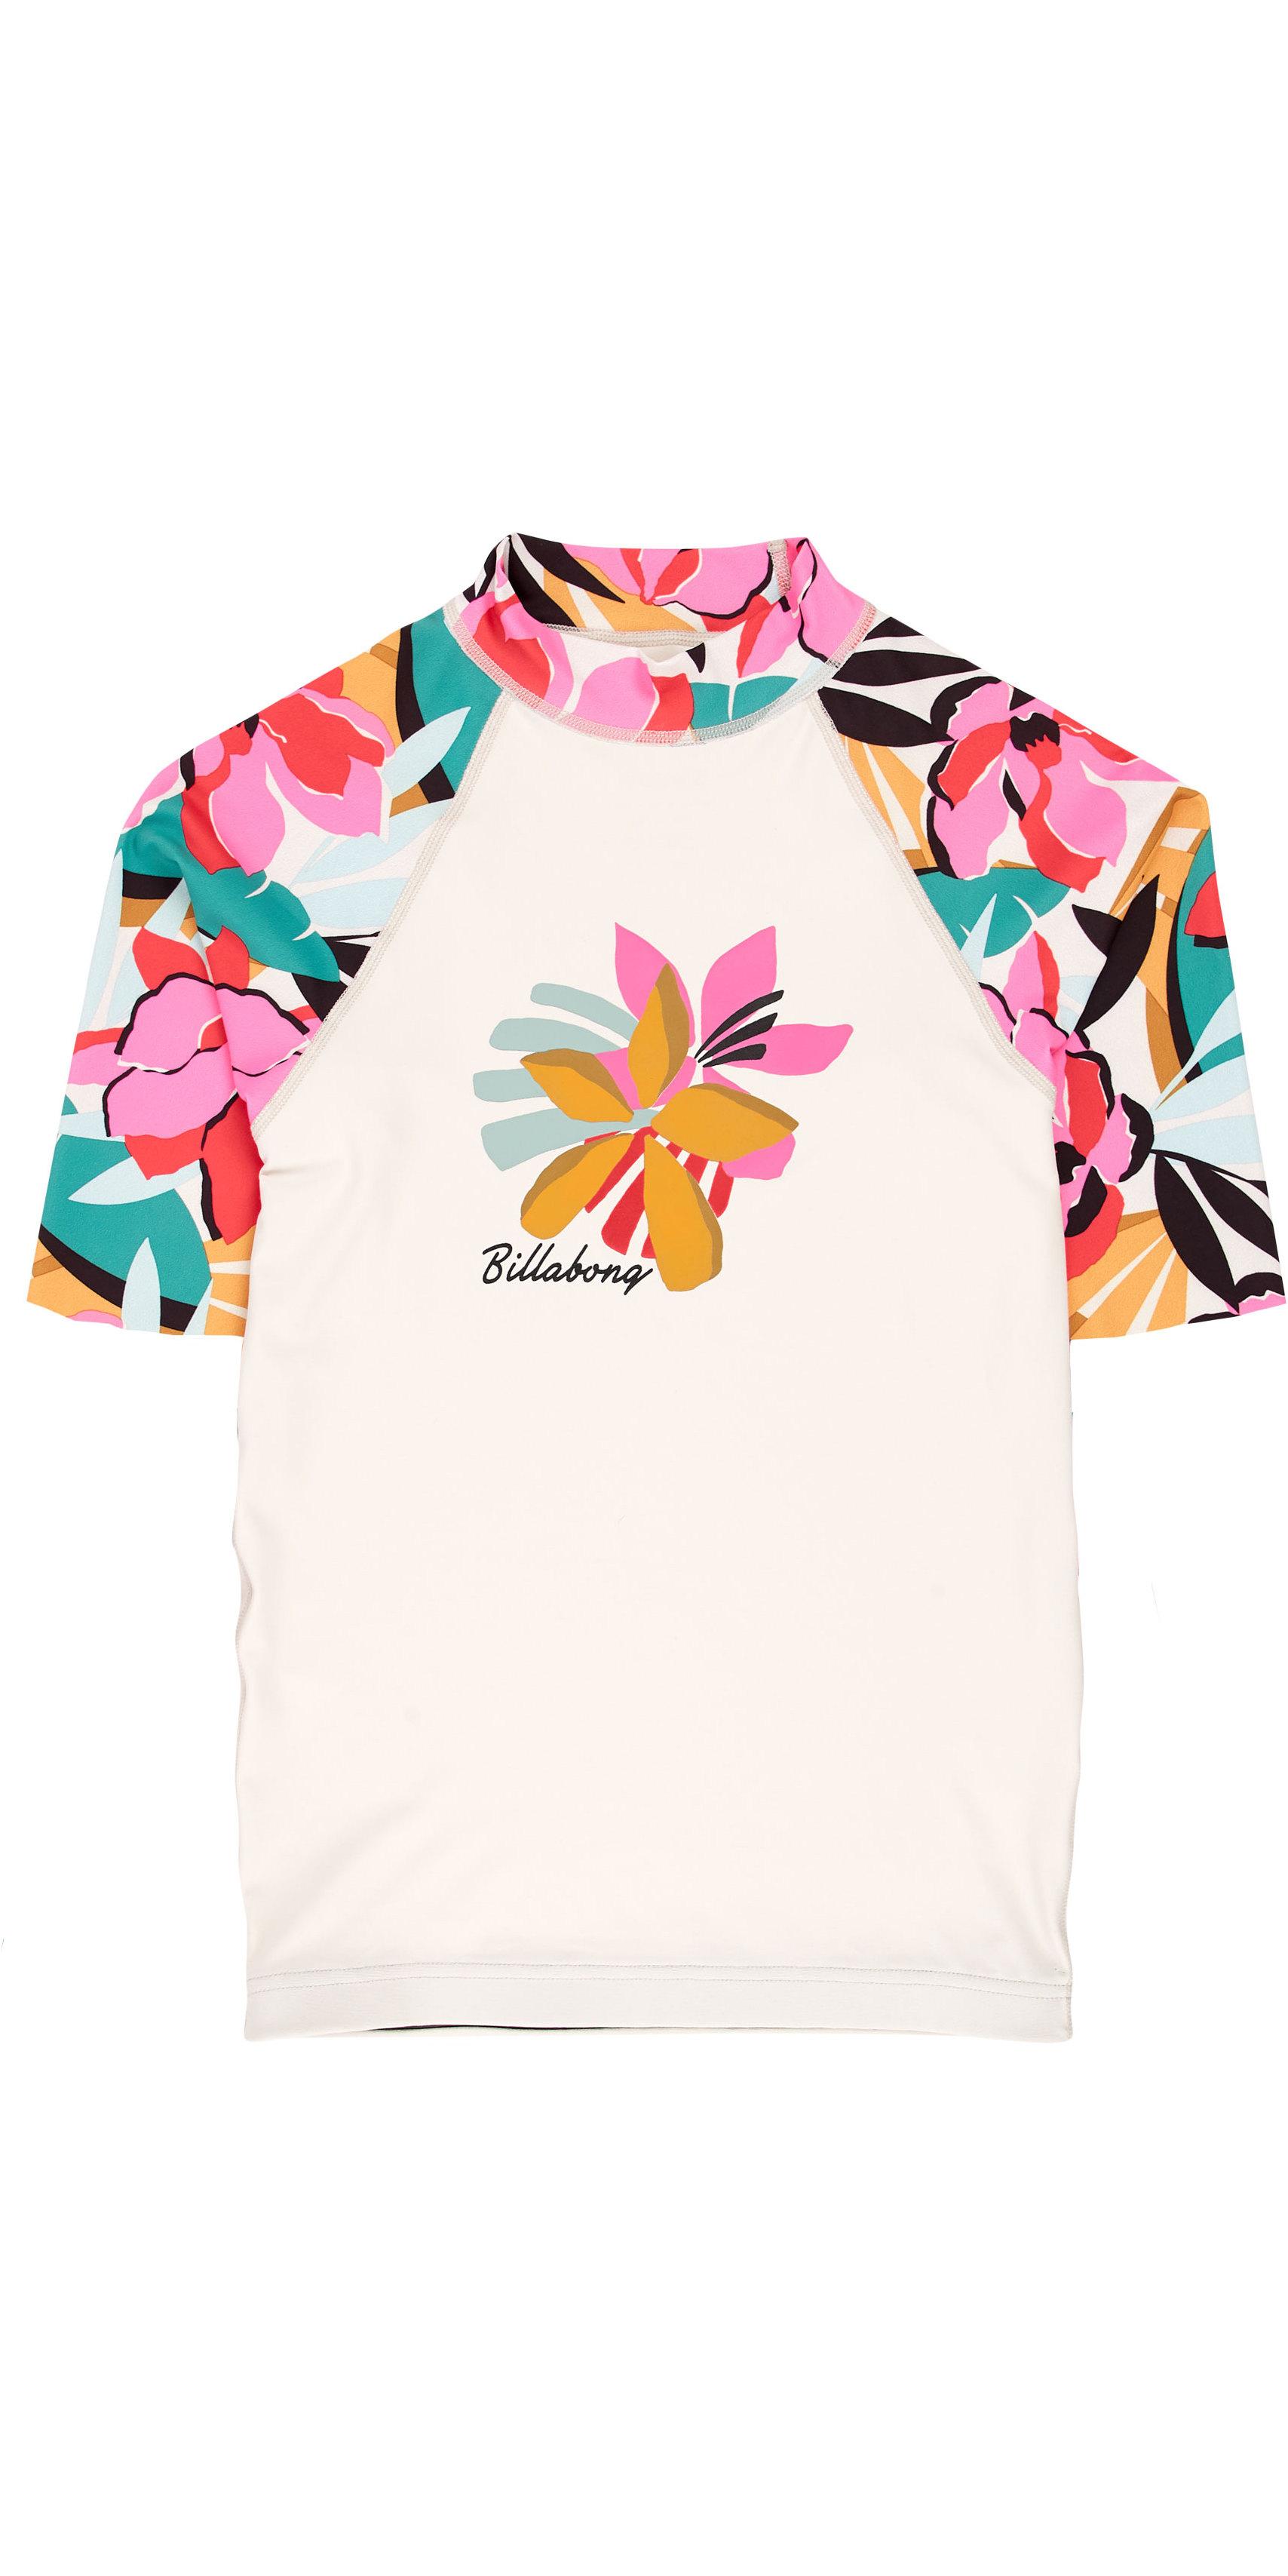 2019 Billabong Junior Girls Flower Short Sleeve Rash Vest Seashell N4KY03